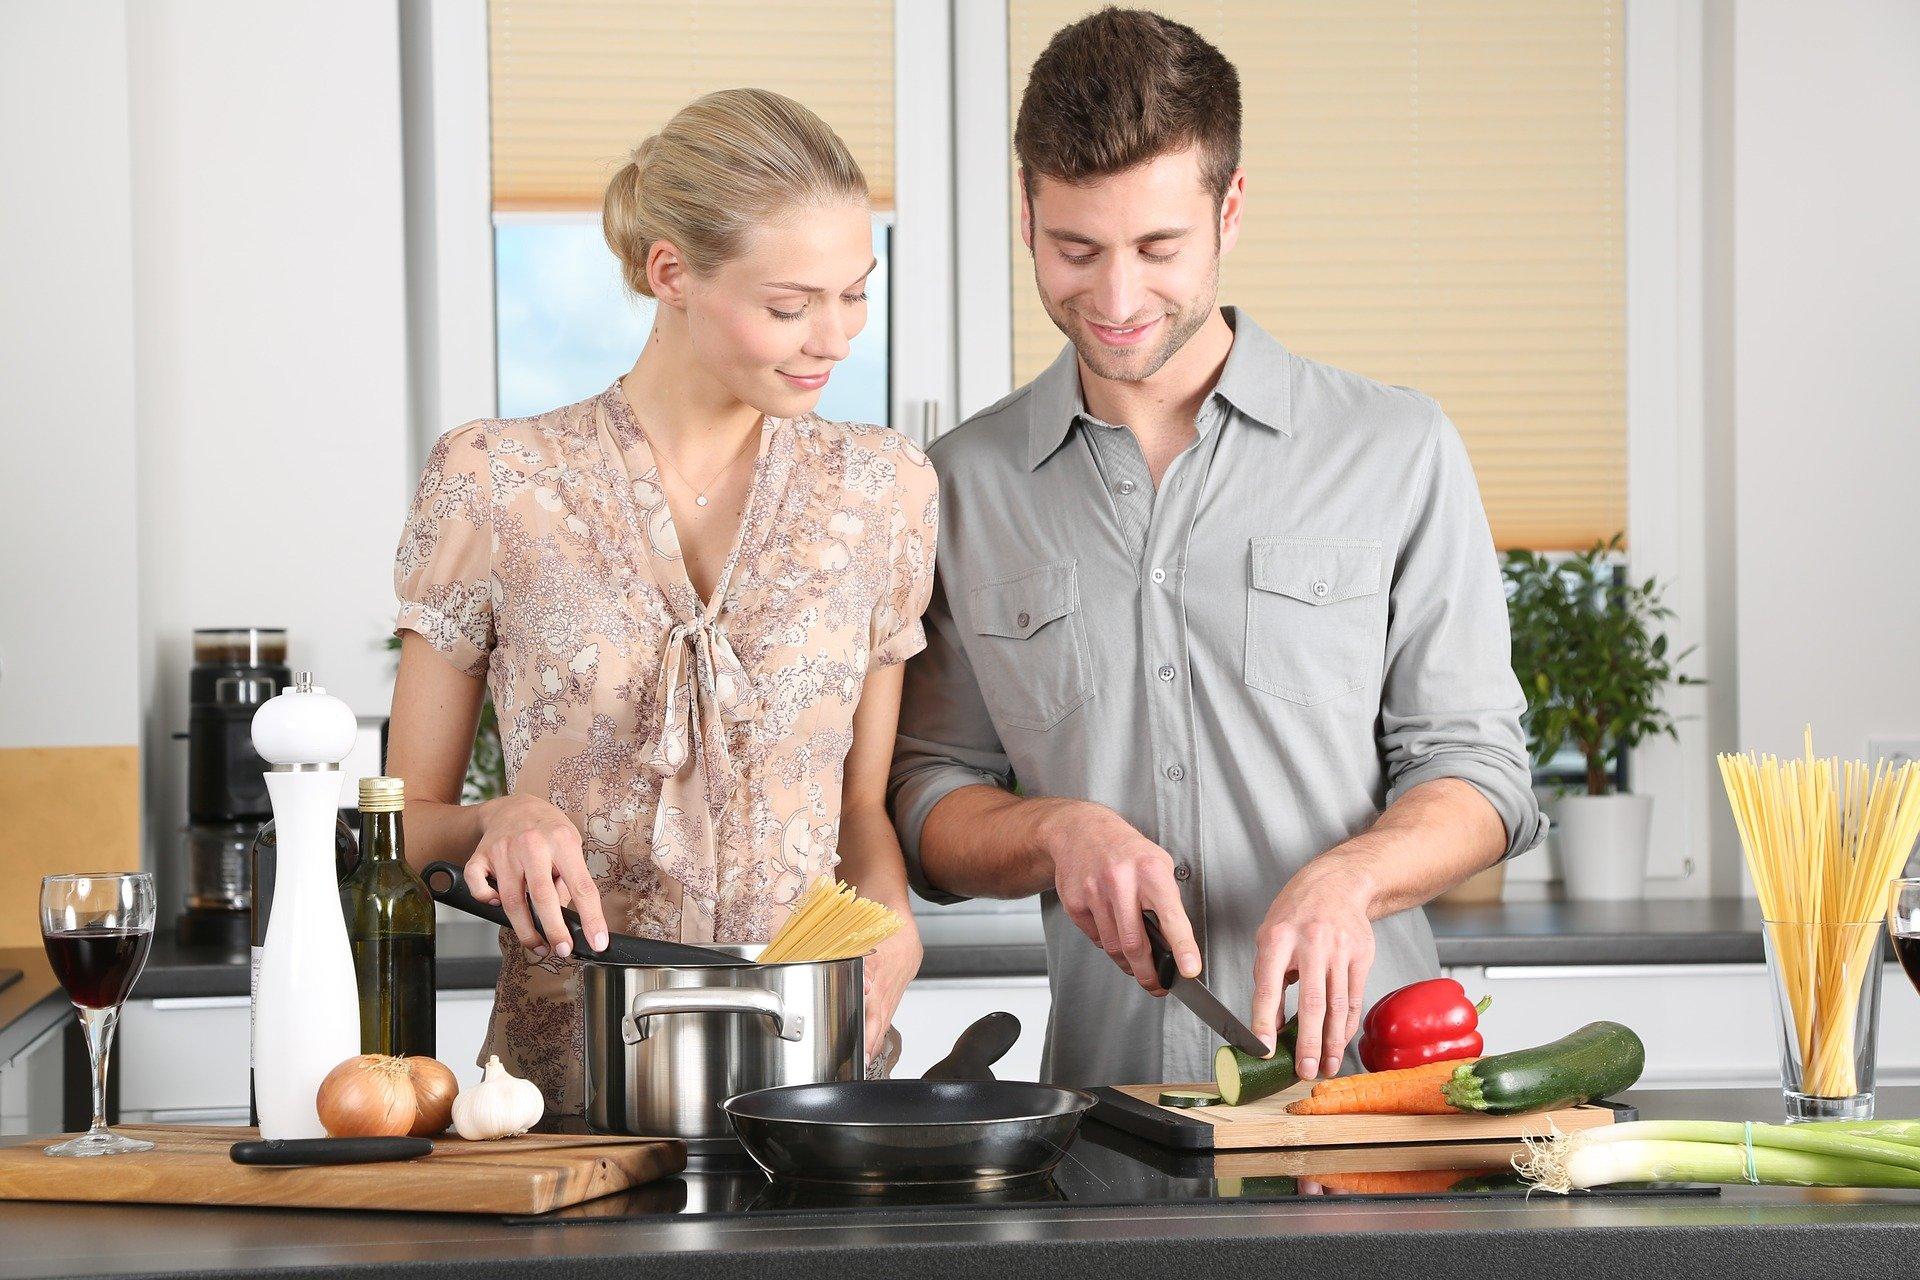 koken in keuken